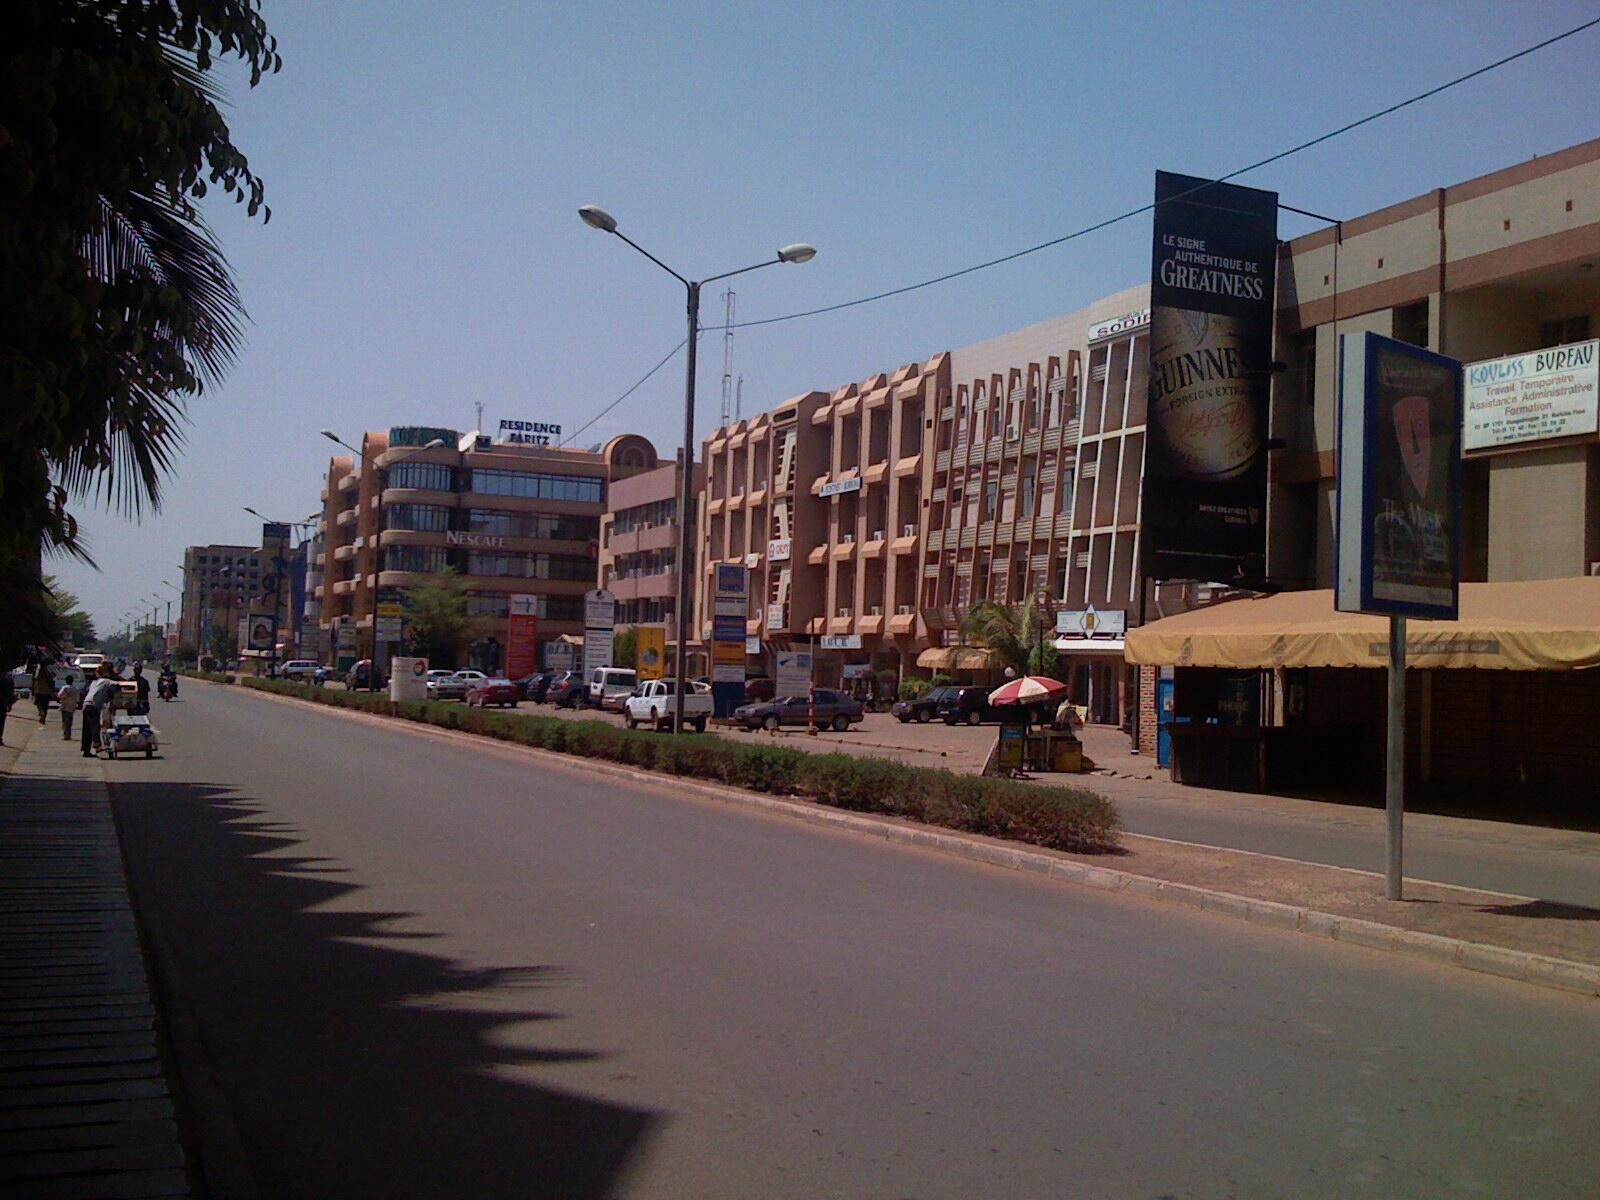 L'avenue Kwame Nkrumah, dans le centre de Ouagadougou, n'est plus que l'ombre d'elle-même.